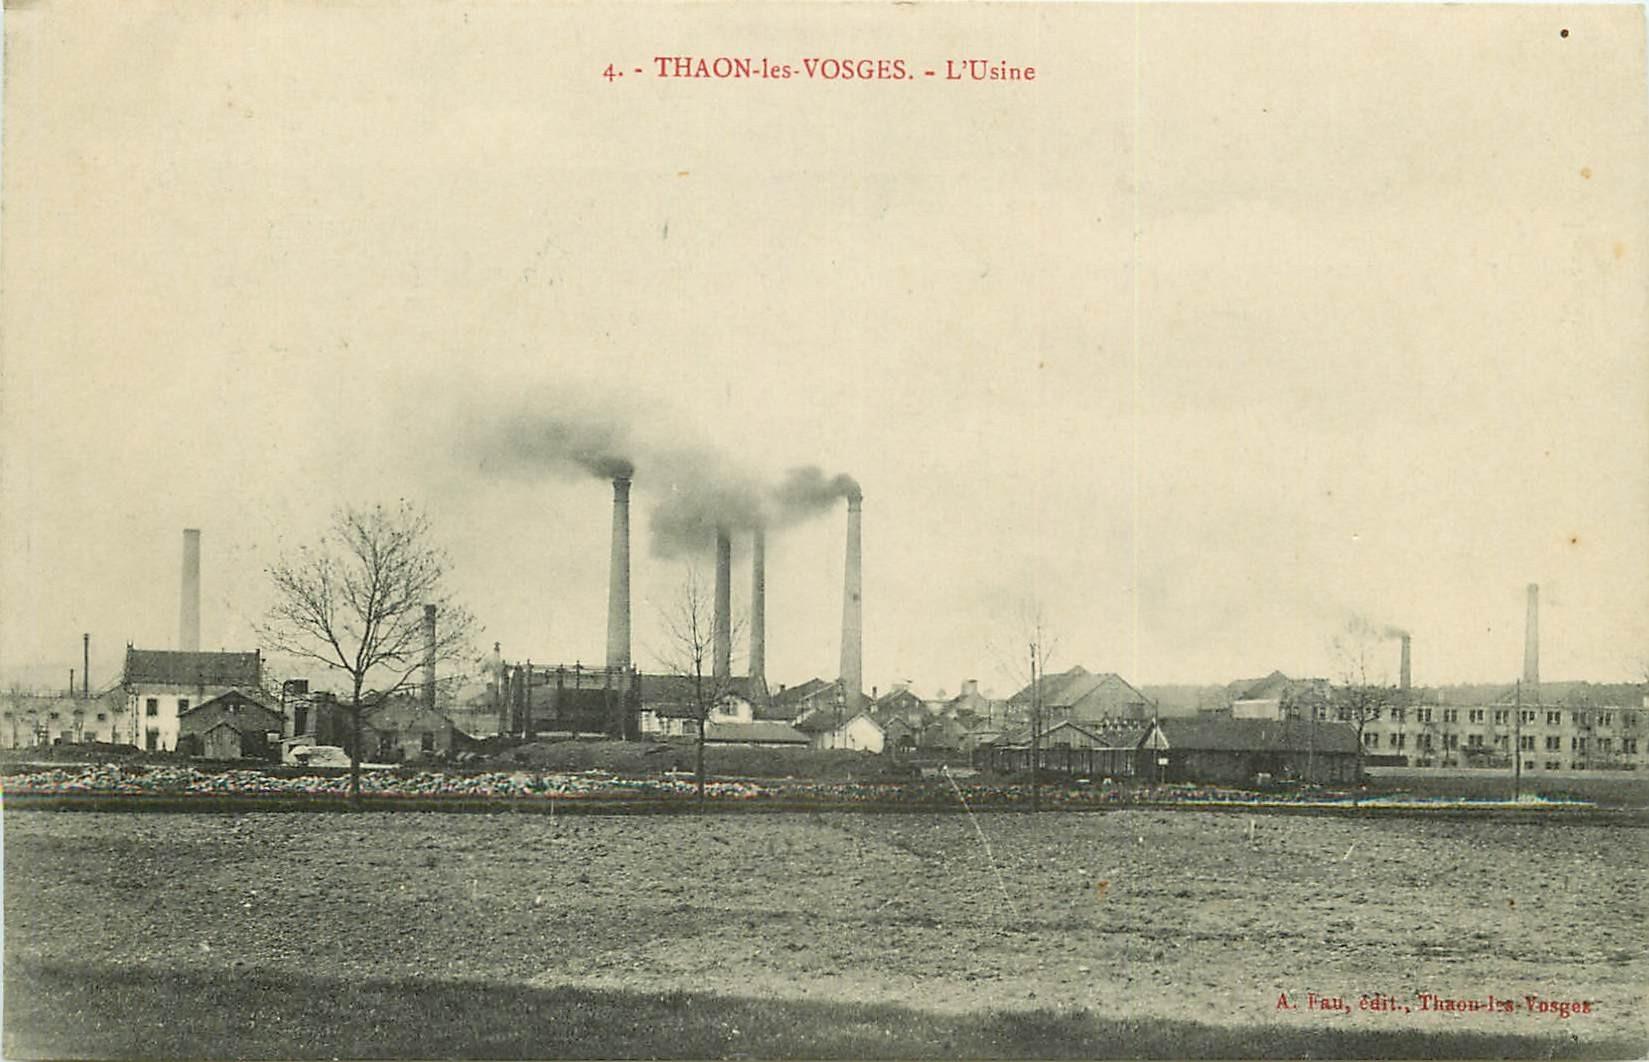 88 THAON-LES-VOSGES. L'Usine